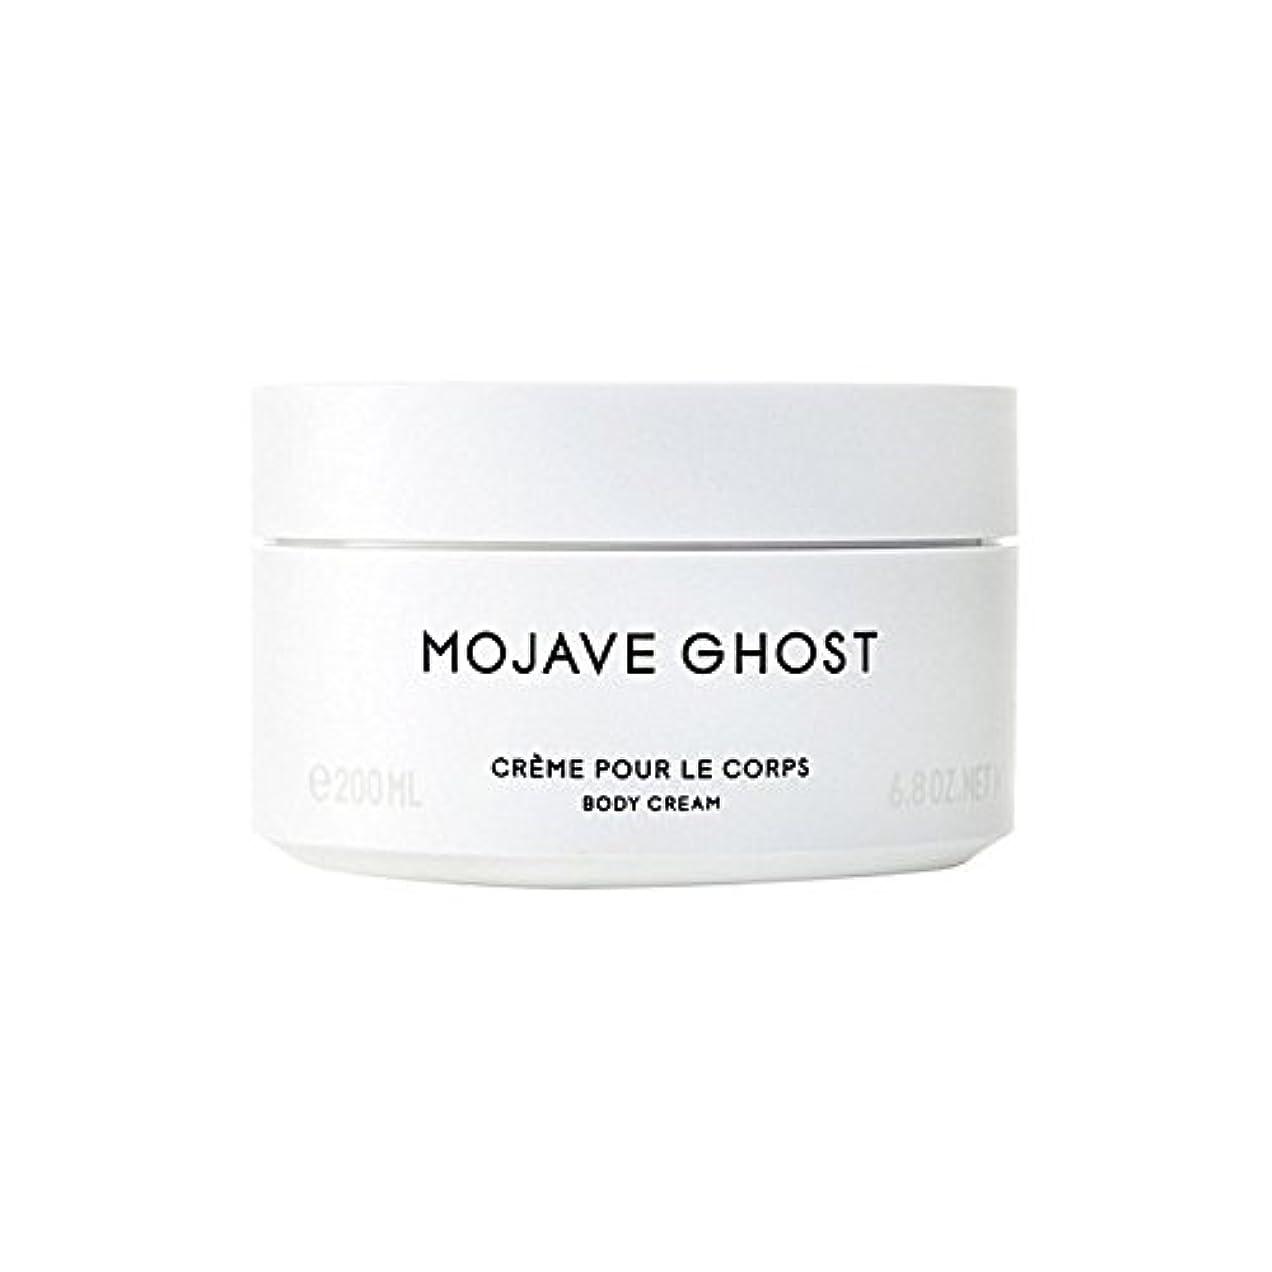 放棄する哲学的怠なByredo Mojave Ghost Body Cream 200ml - モハーベゴーストボディクリーム200ミリリットル [並行輸入品]